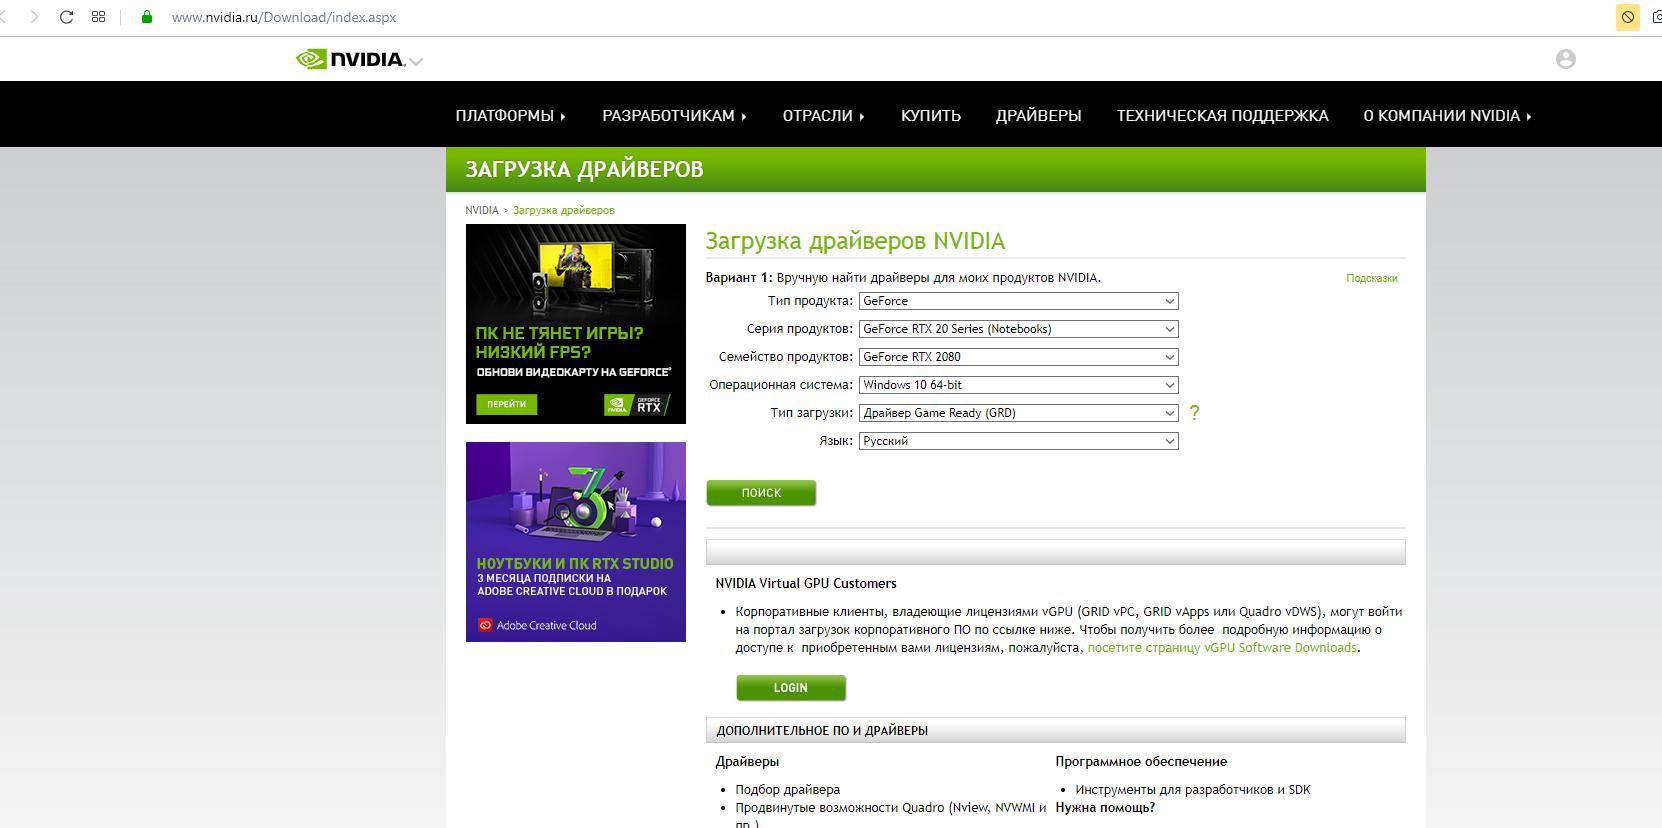 Настройки nVidia для Dota 2